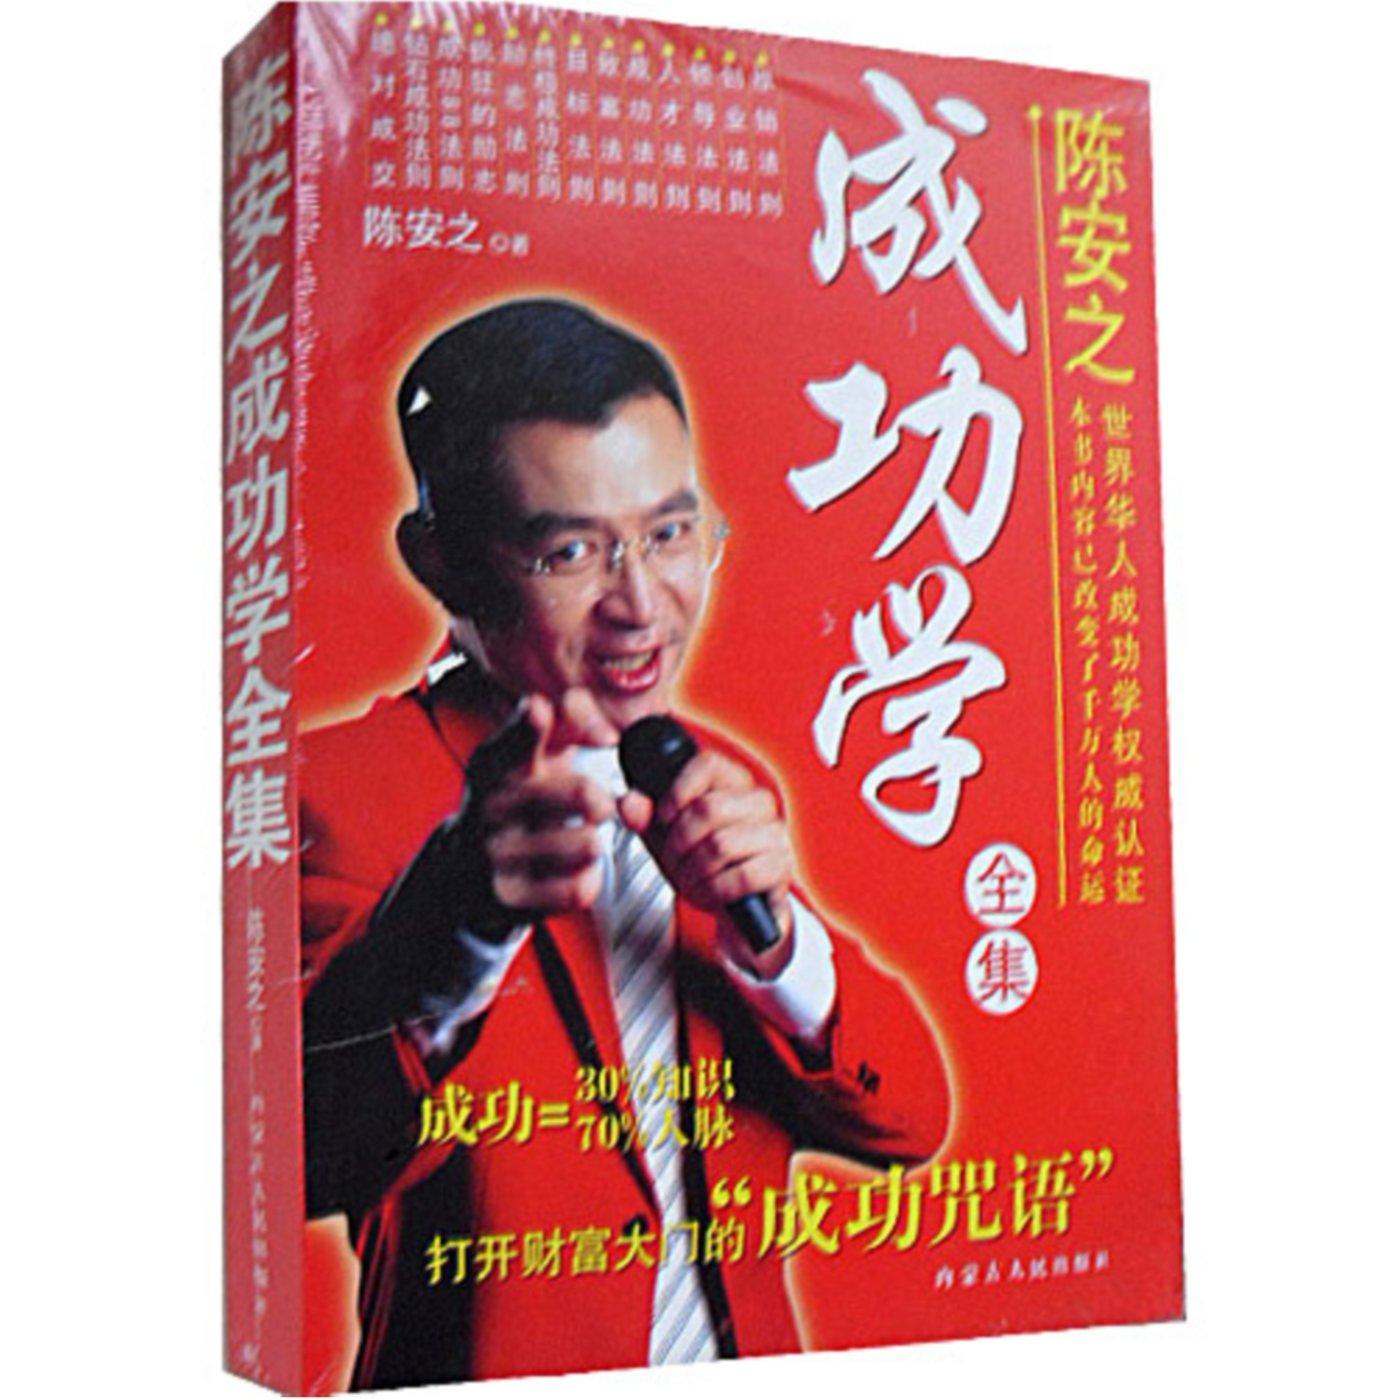 (意气风发的机场书店之王——陈安之)